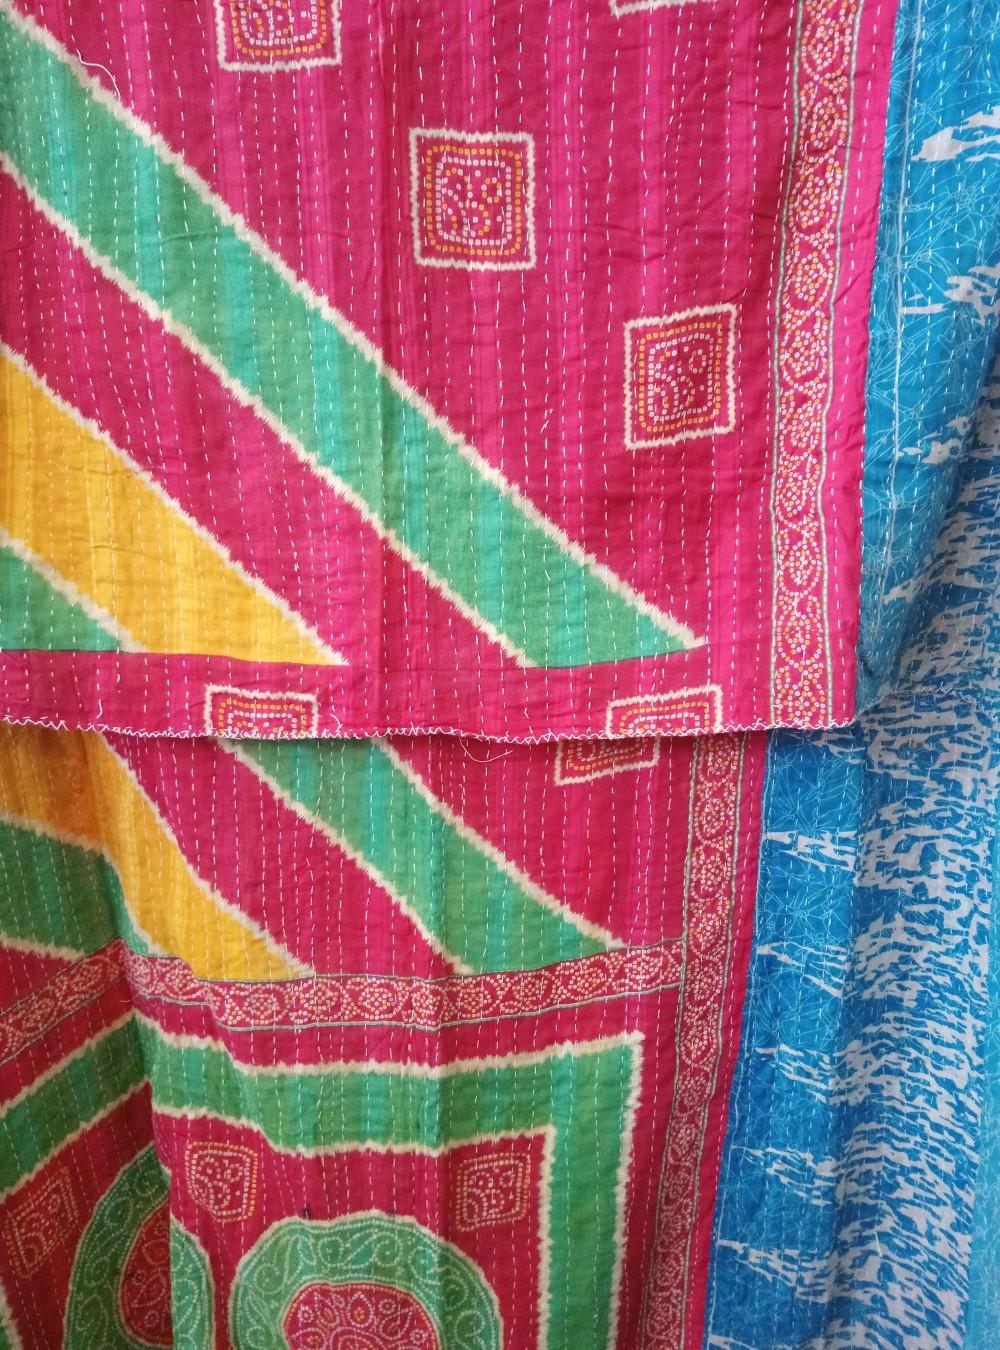 Kantha Sari Throw Blanket #778